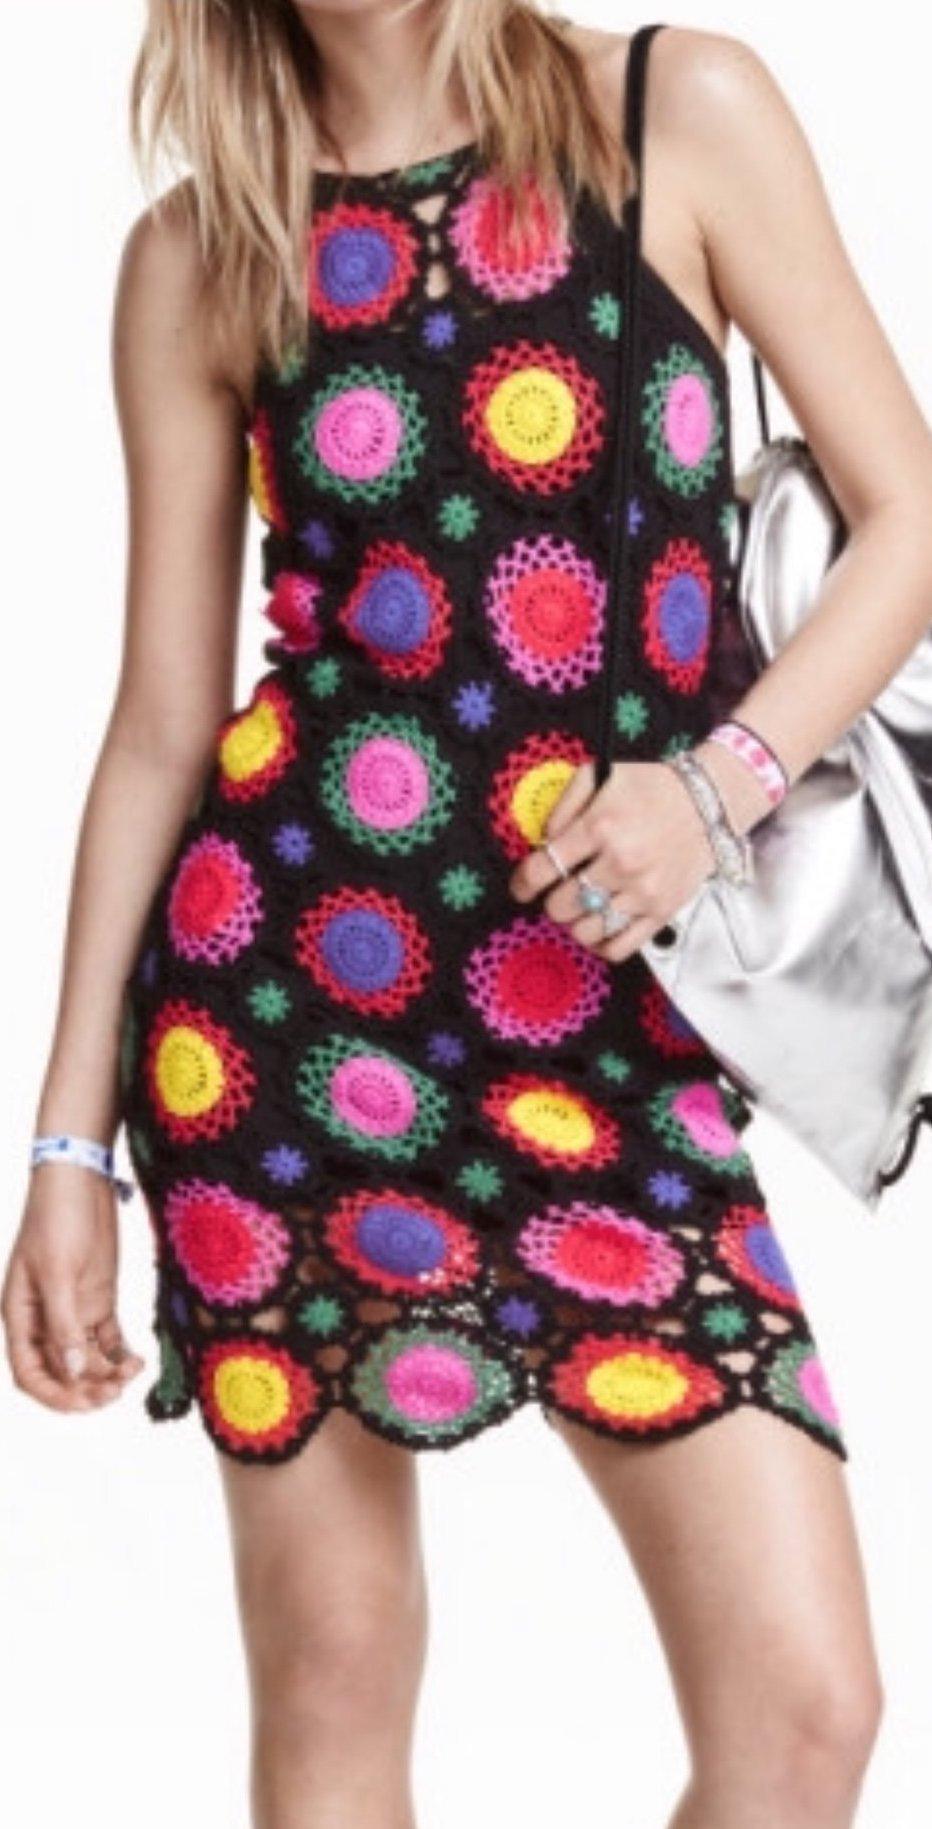 Virkad klänning från H&M Coachella strl 44 (406998125) ᐈ